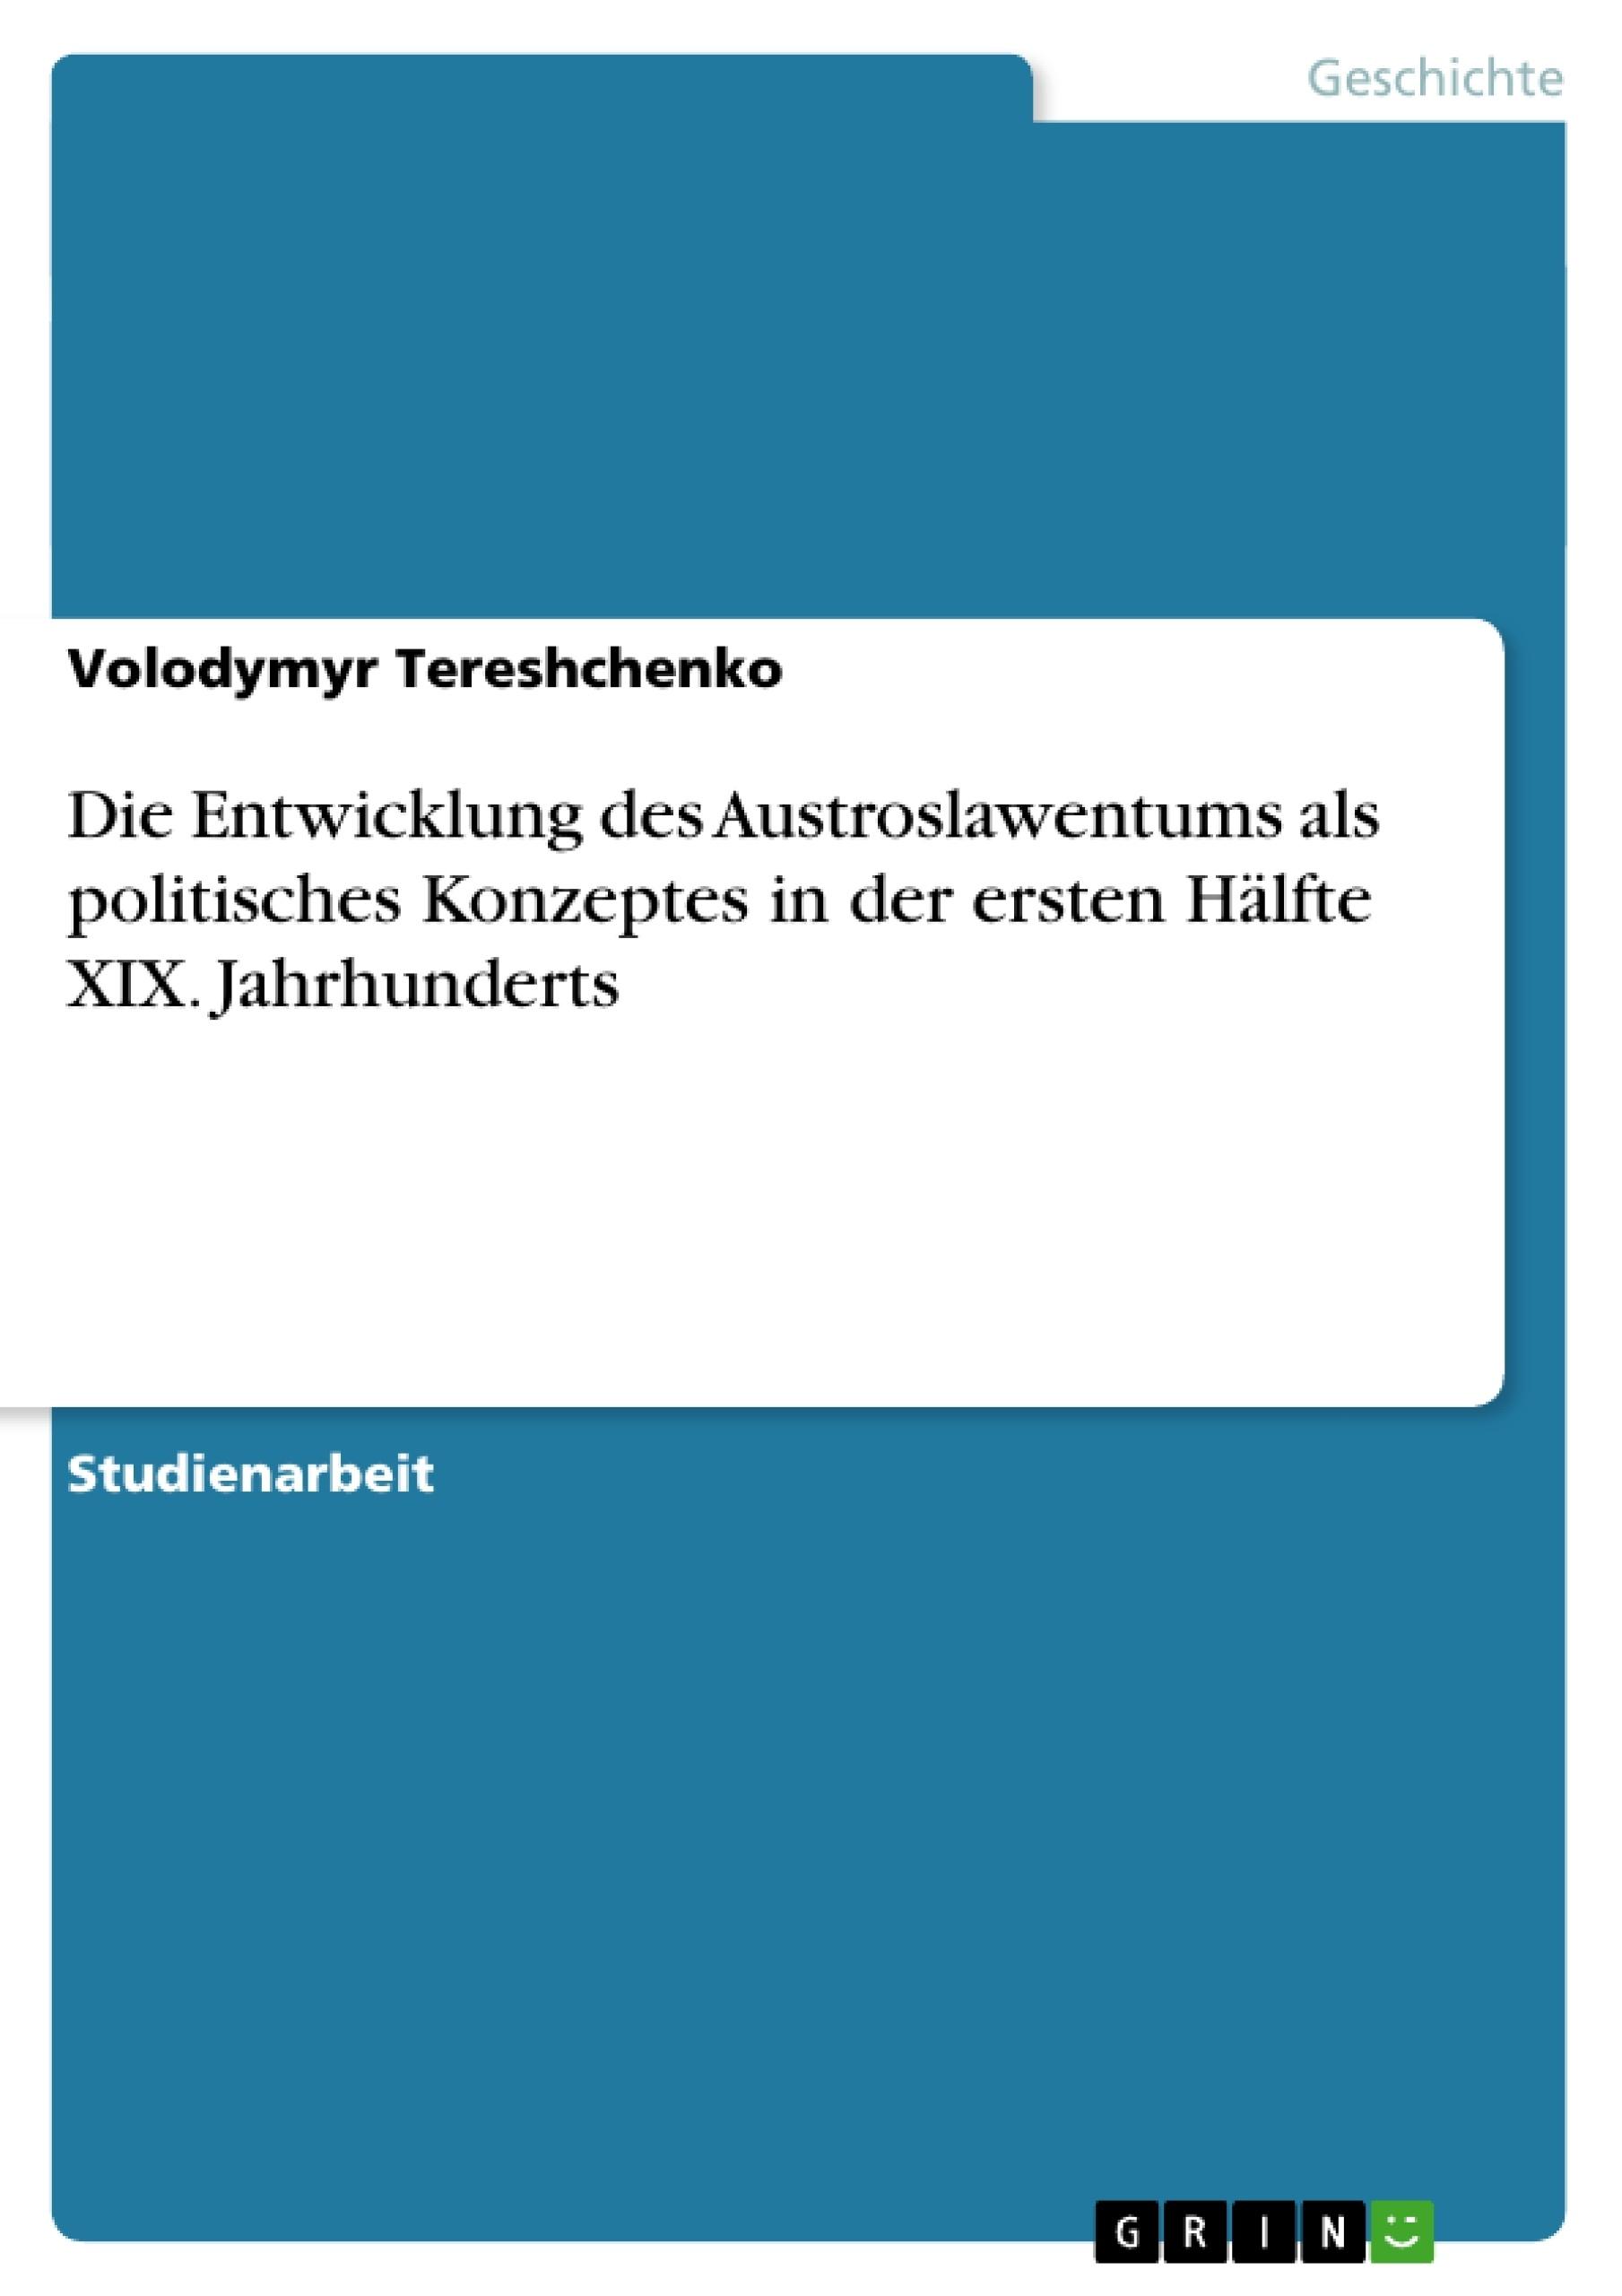 Titel: Die Entwicklung des Austroslawentums als politisches Konzeptes in der ersten Hälfte XIX. Jahrhunderts